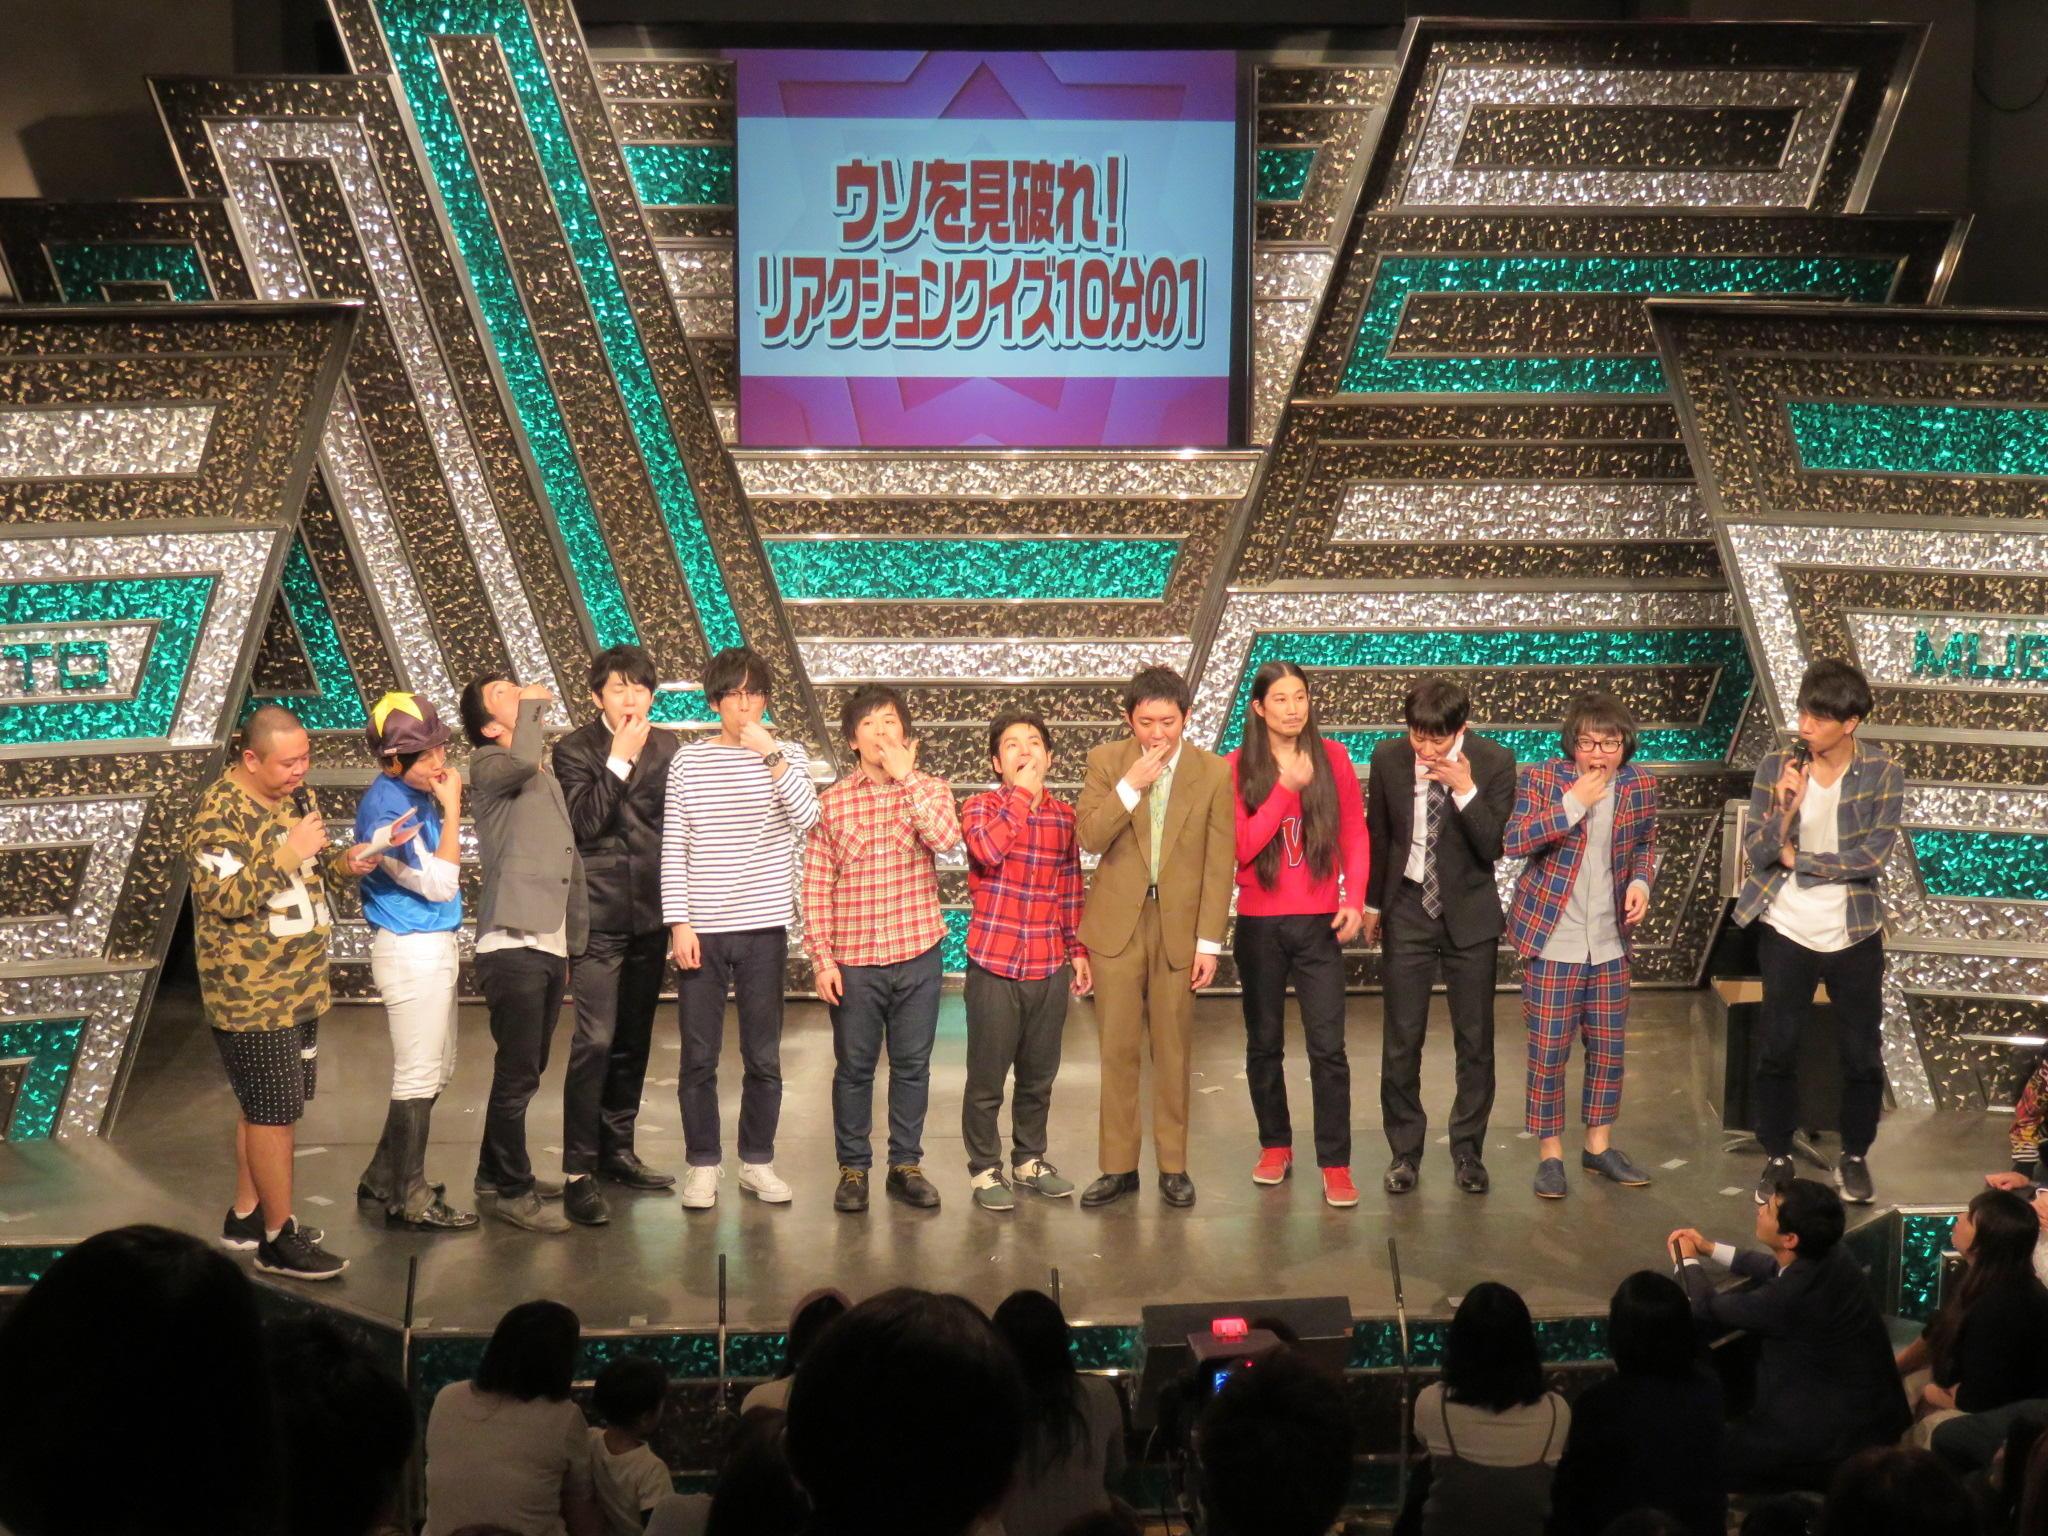 http://news.yoshimoto.co.jp/20160229163151-a28905bc25ba04958f5666db8eb154654f89ccb5.jpg